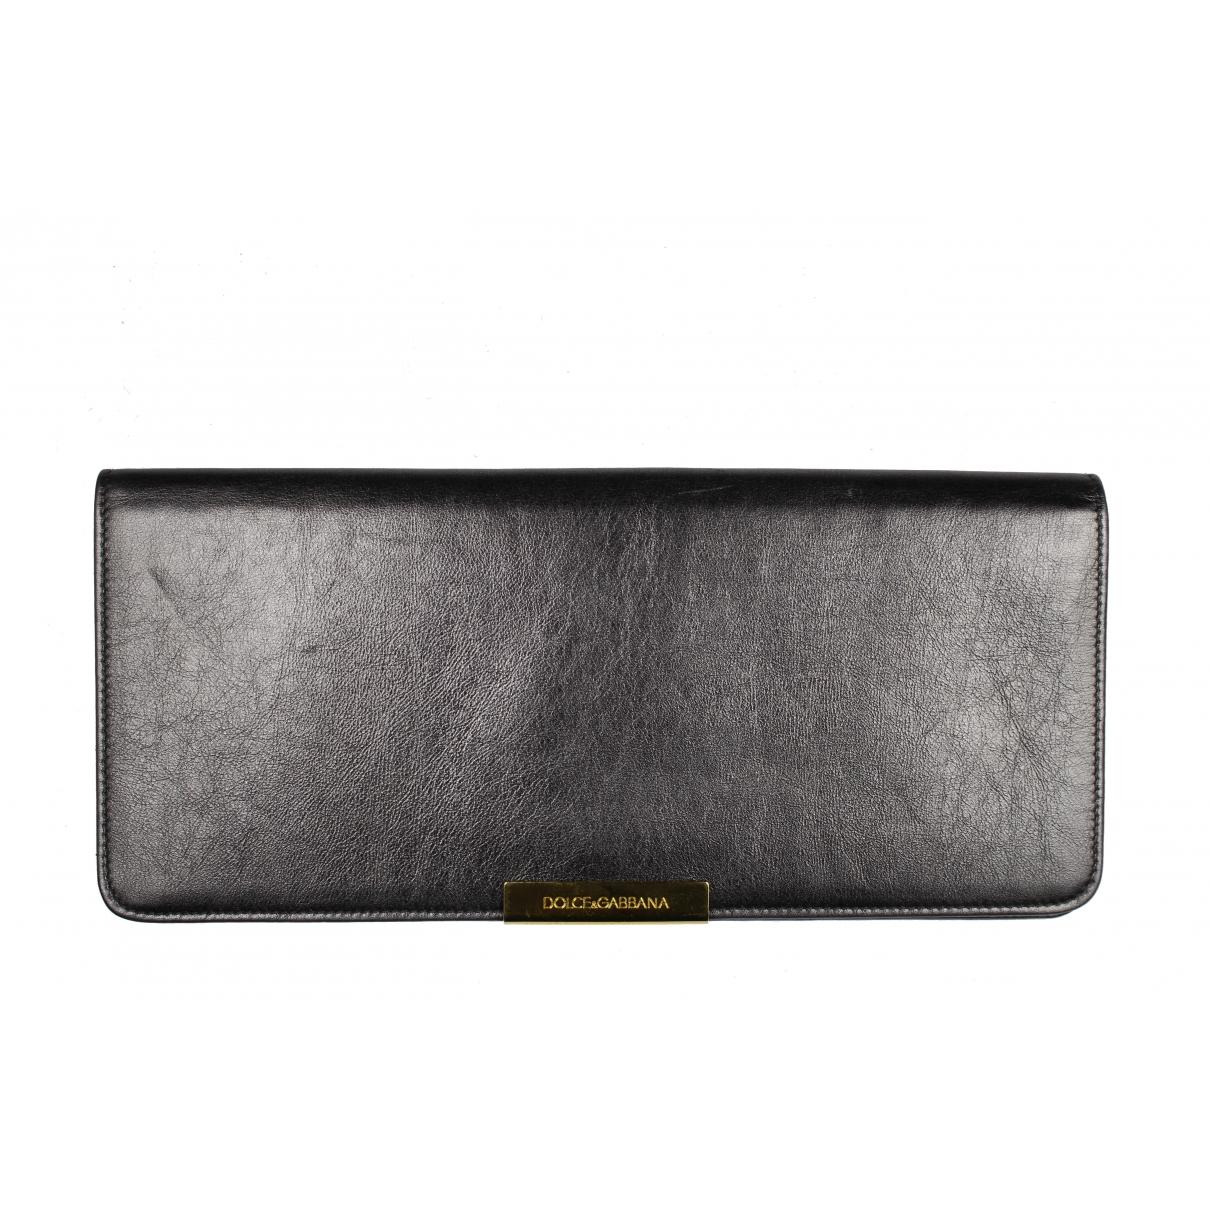 Dolce & Gabbana \N Clutch in  Schwarz Leder